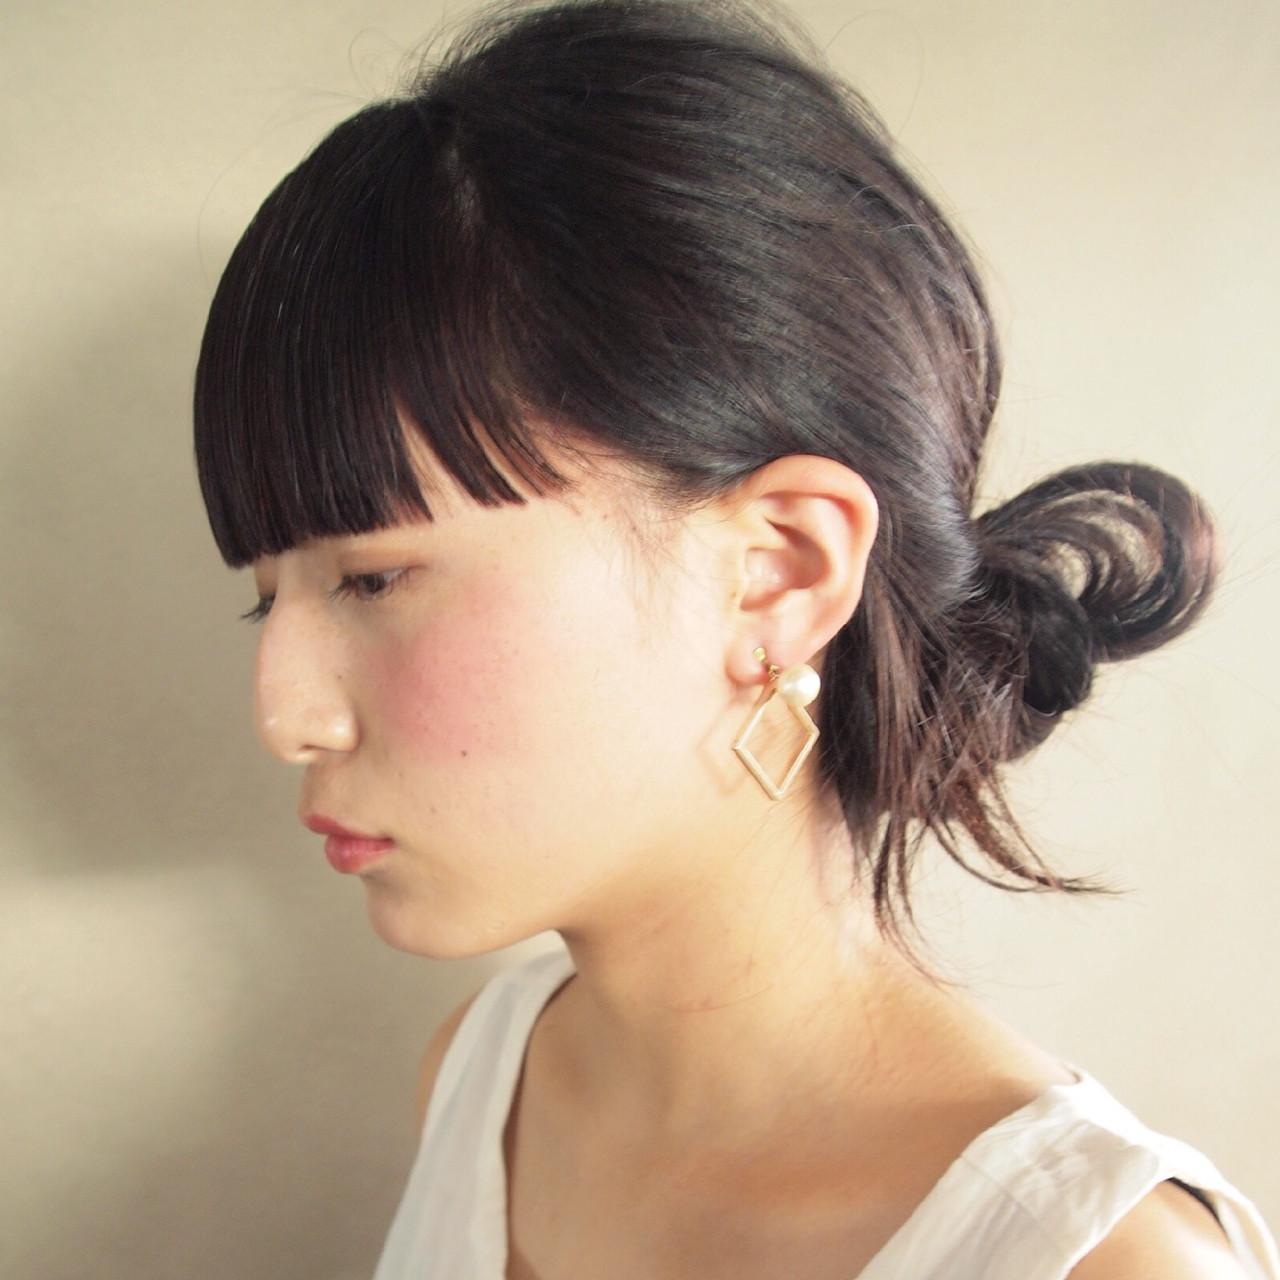 ぱっつん前髪がかわいい♡アレンジのやり方とヘアスタイル 高橋 忍